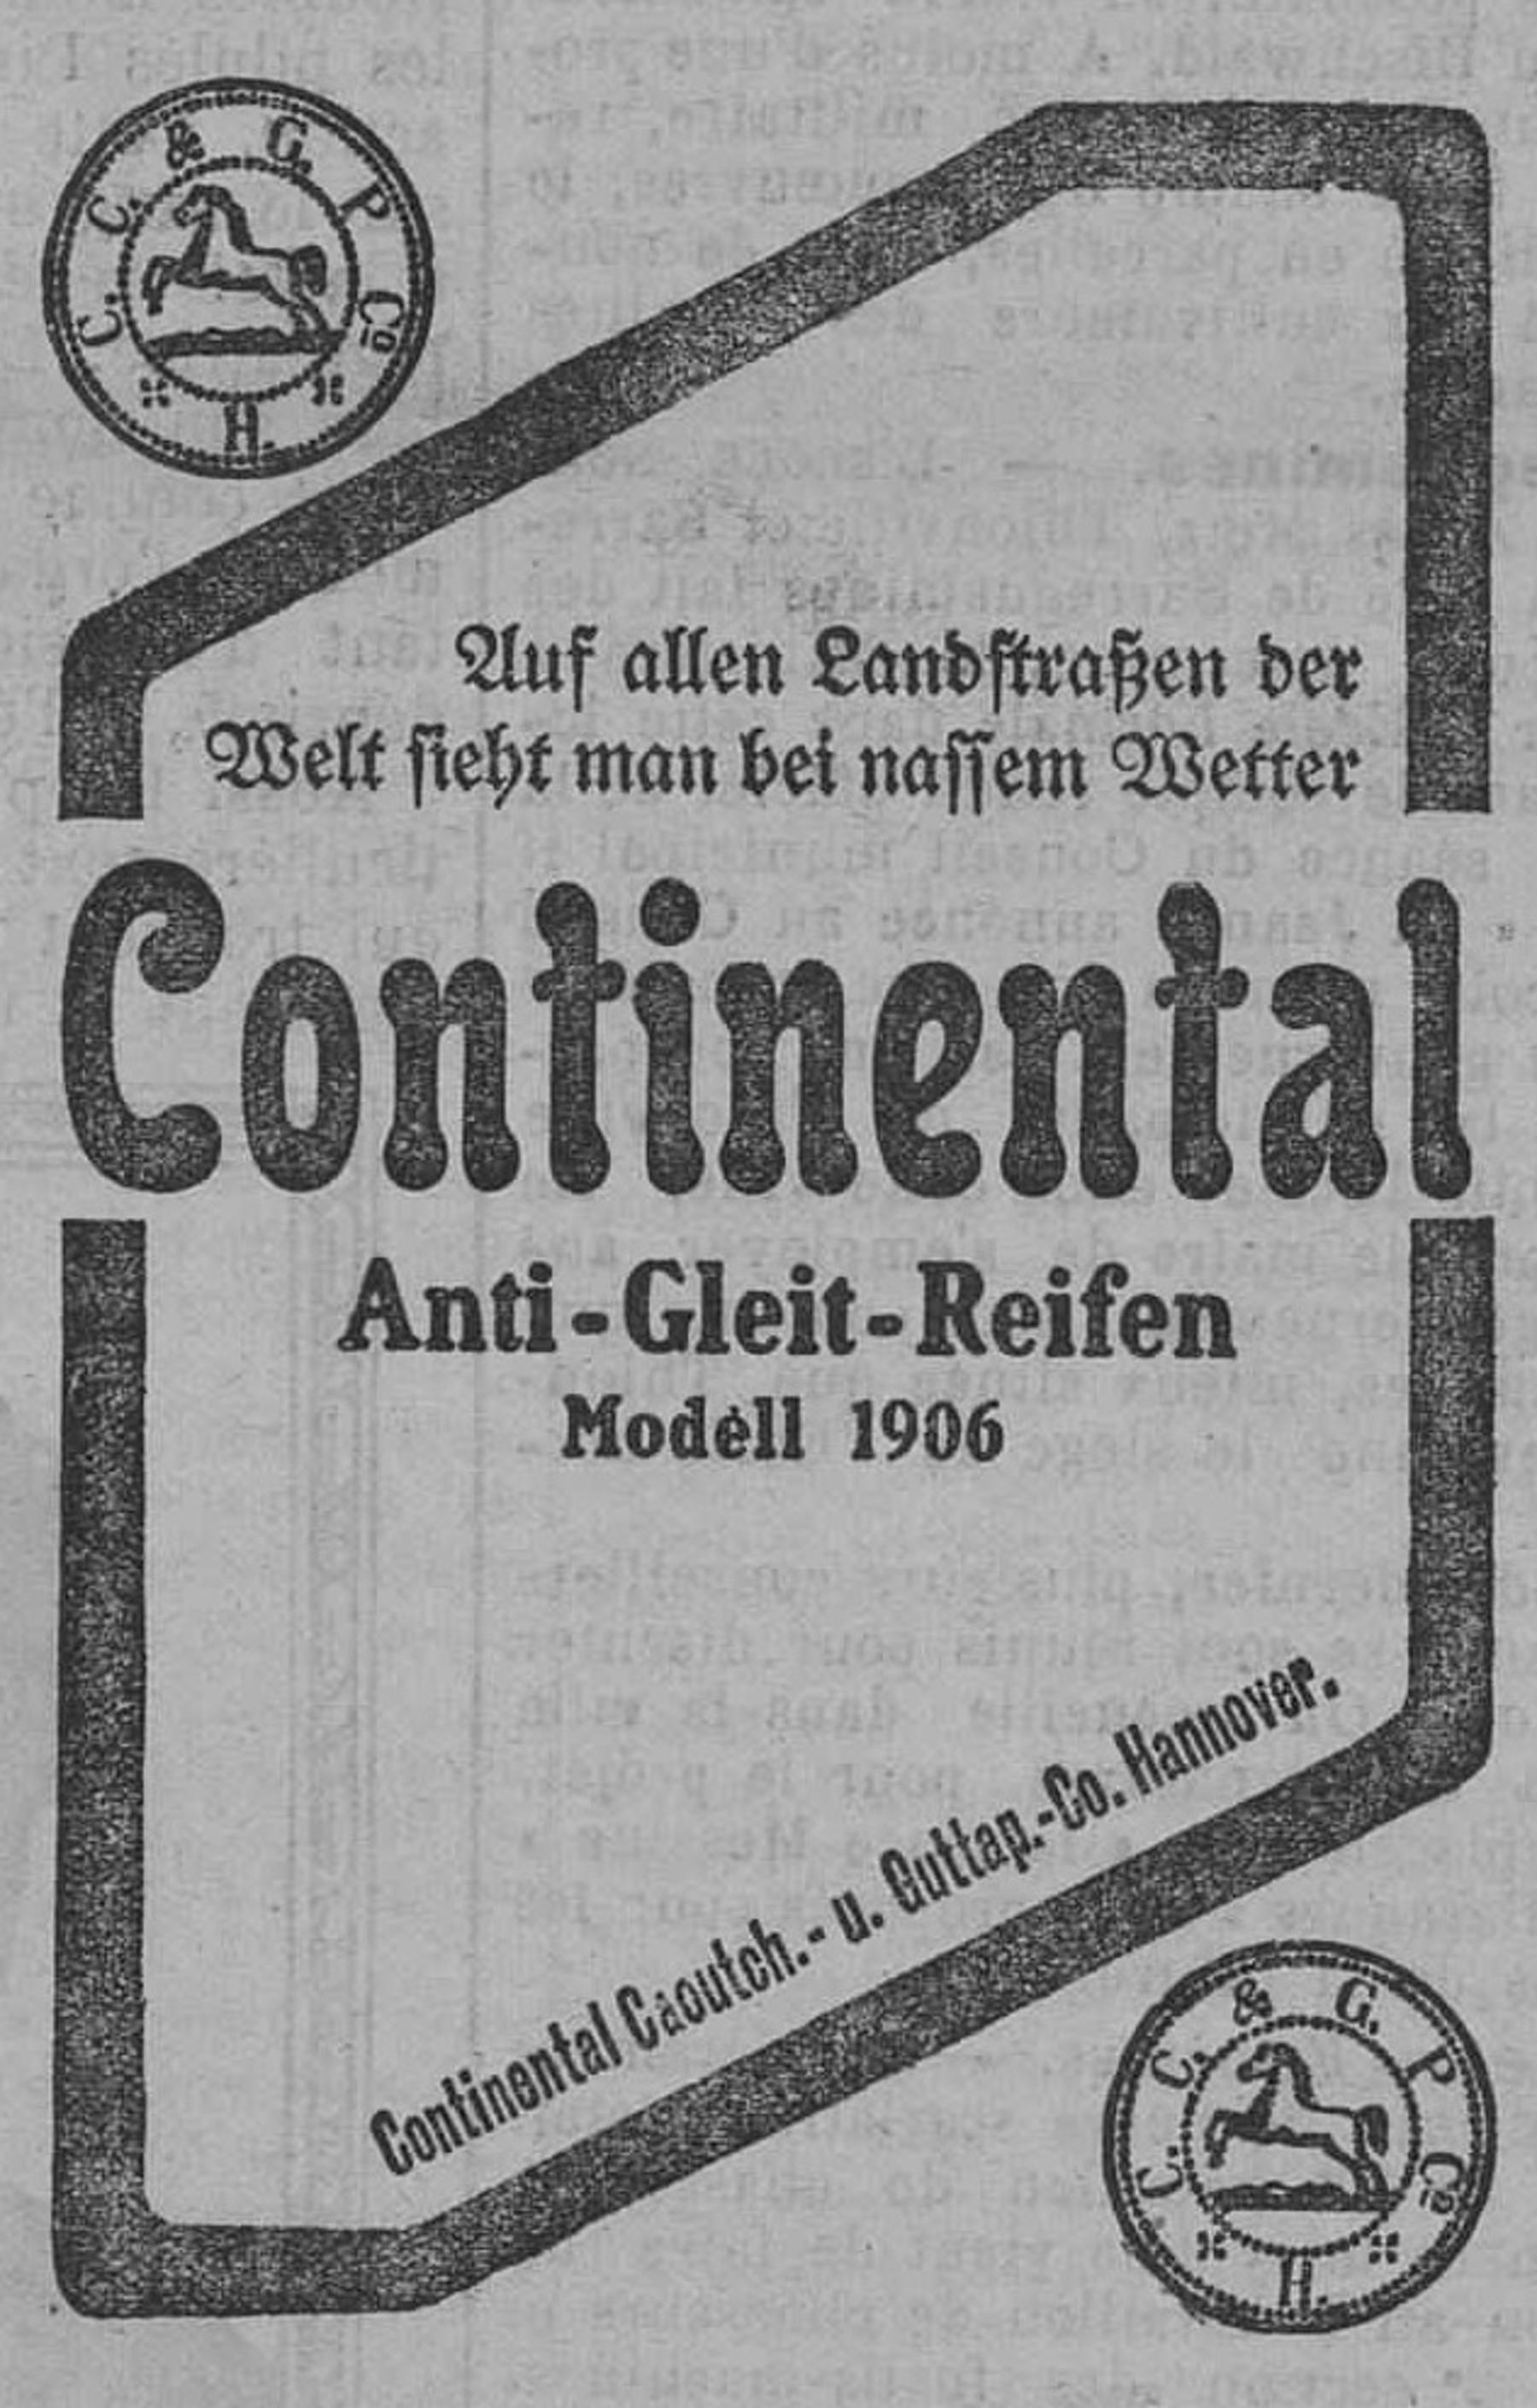 Contenu du Continental Anti-Gleit-Reifen, Modell 1906